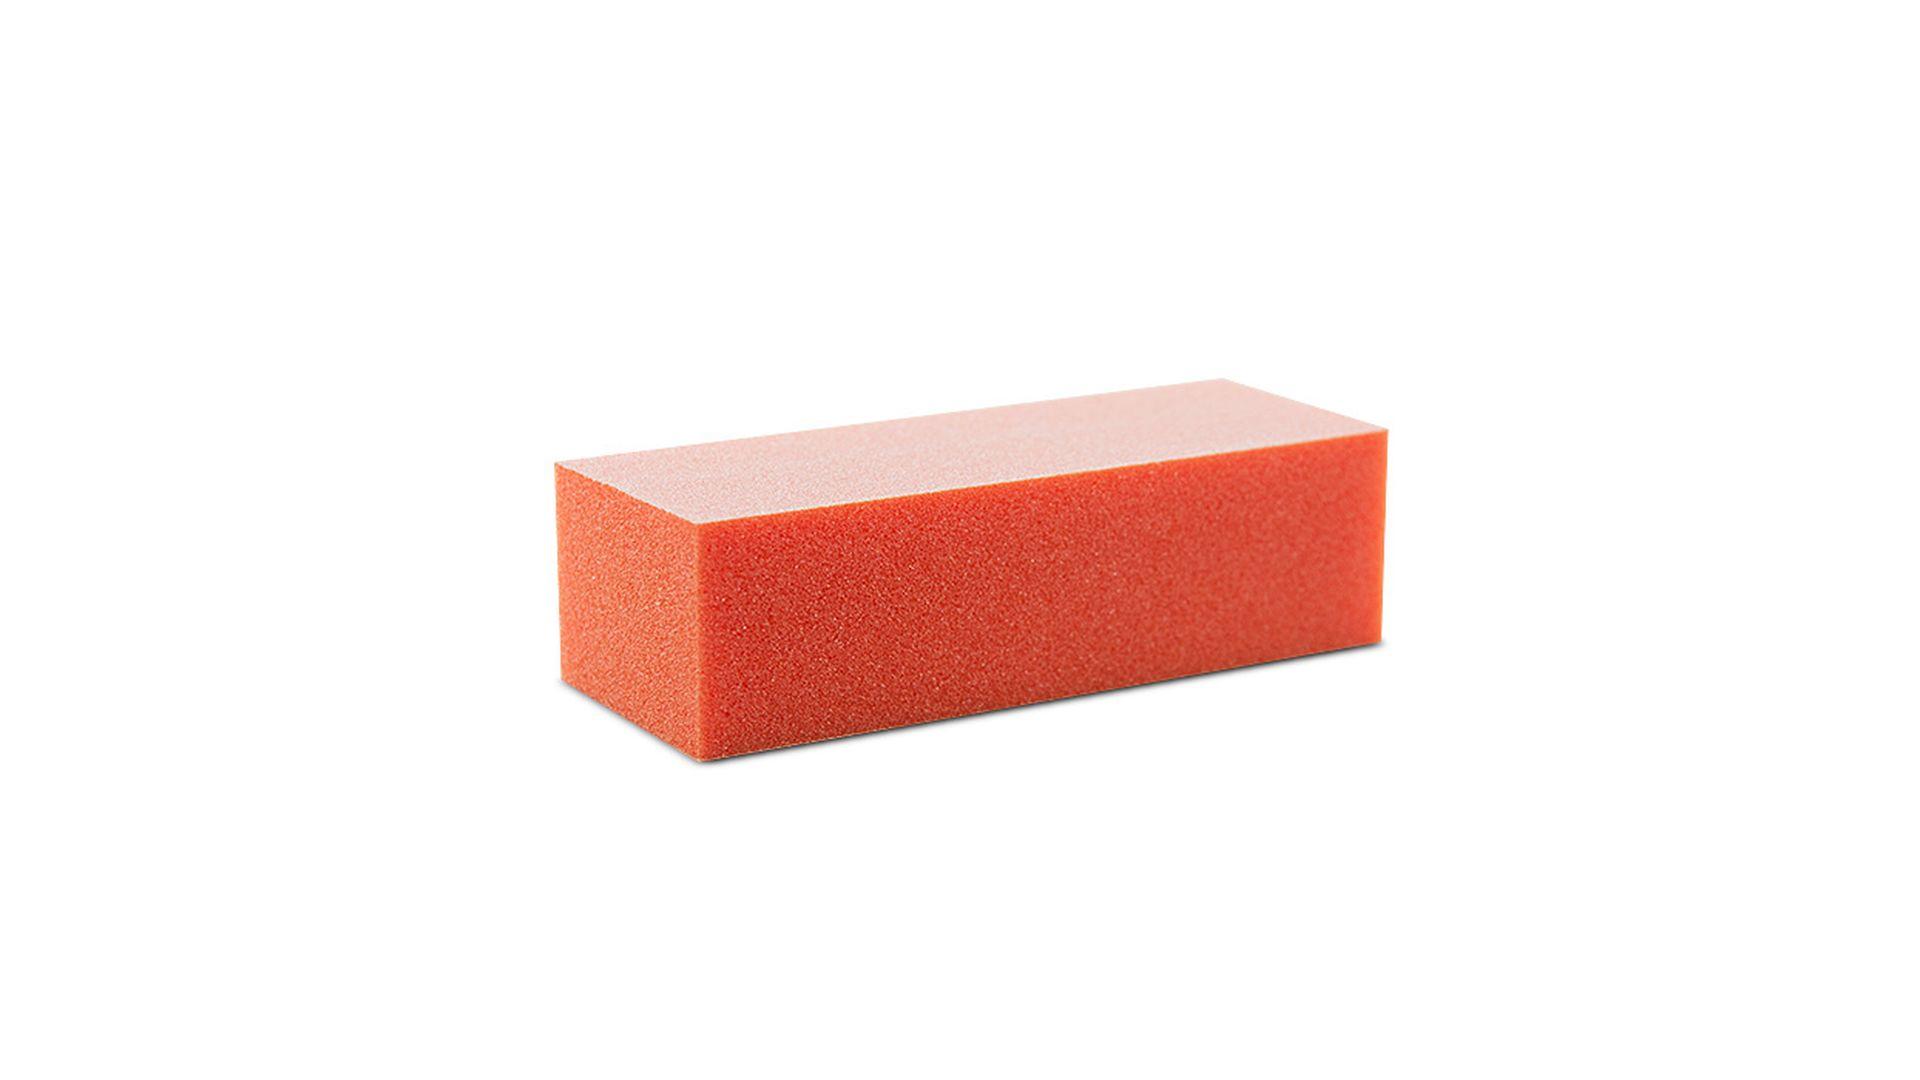 Buffer Schleifblock 500 Stk Premium 3 Seitig Körnung 100/100 weiß orange